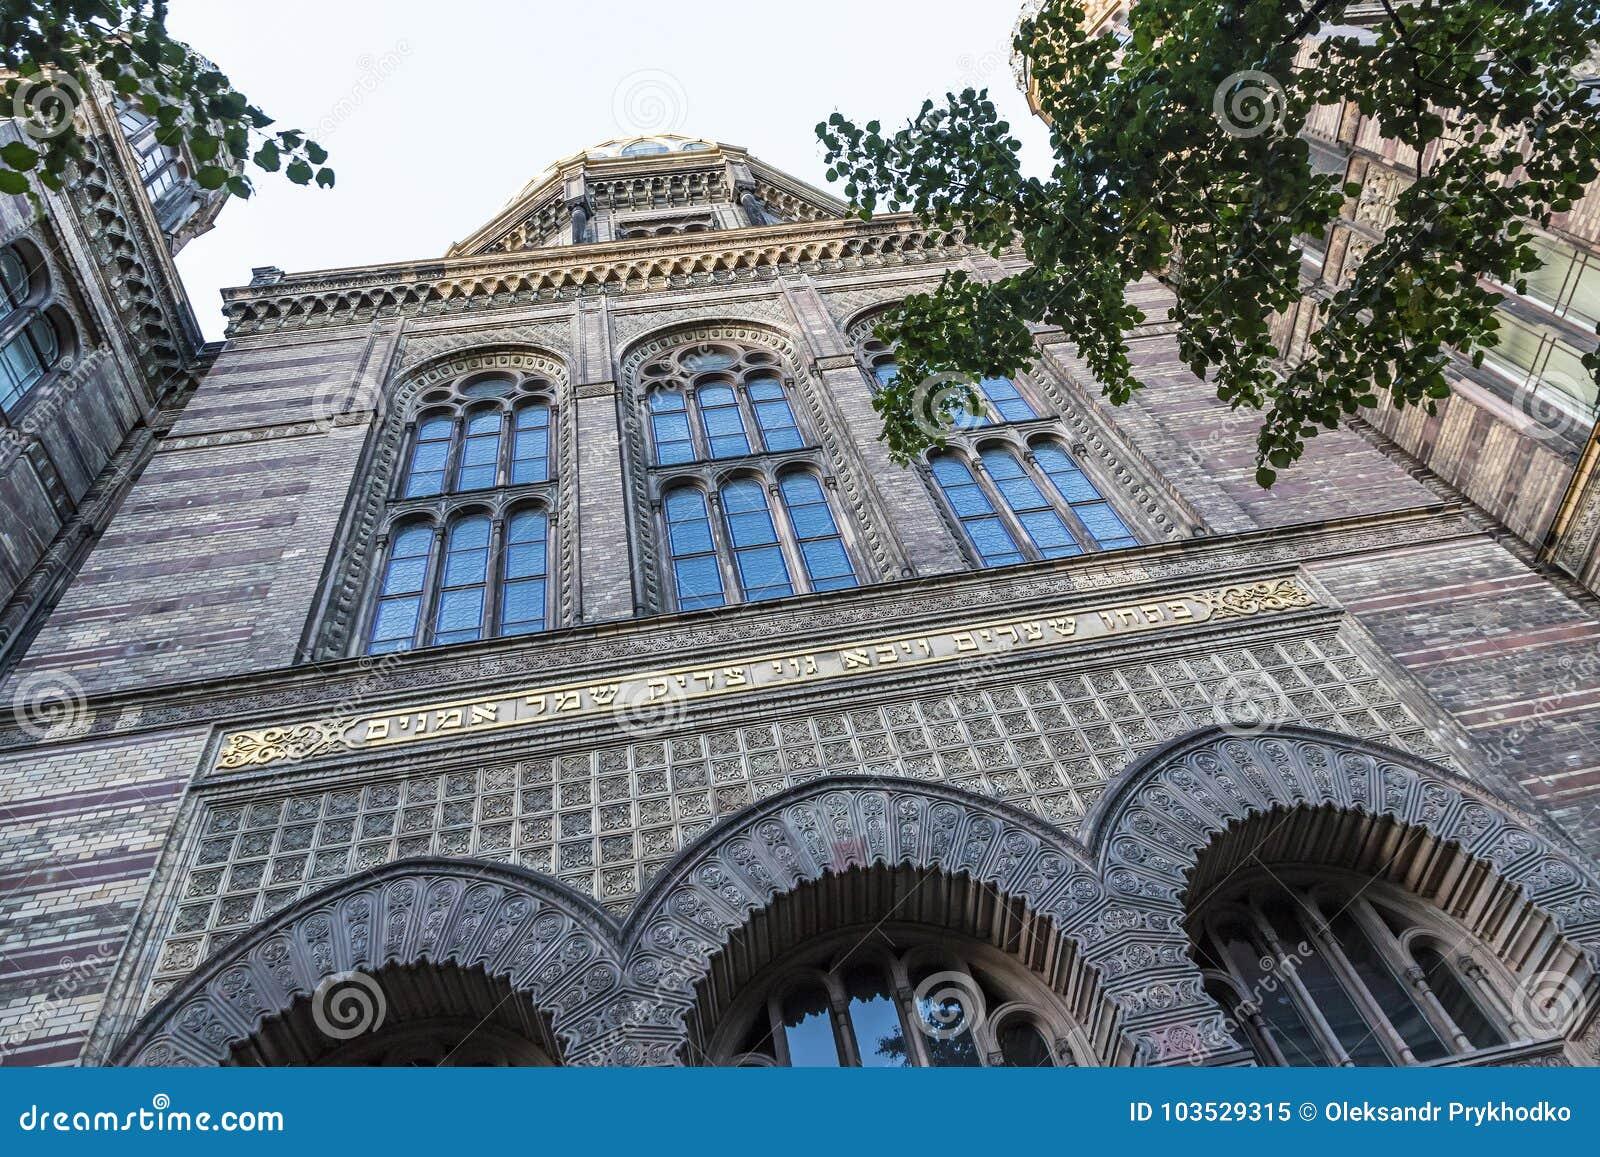 Die neue Synagoge Neue Synagoge in Berlin, Deutschland